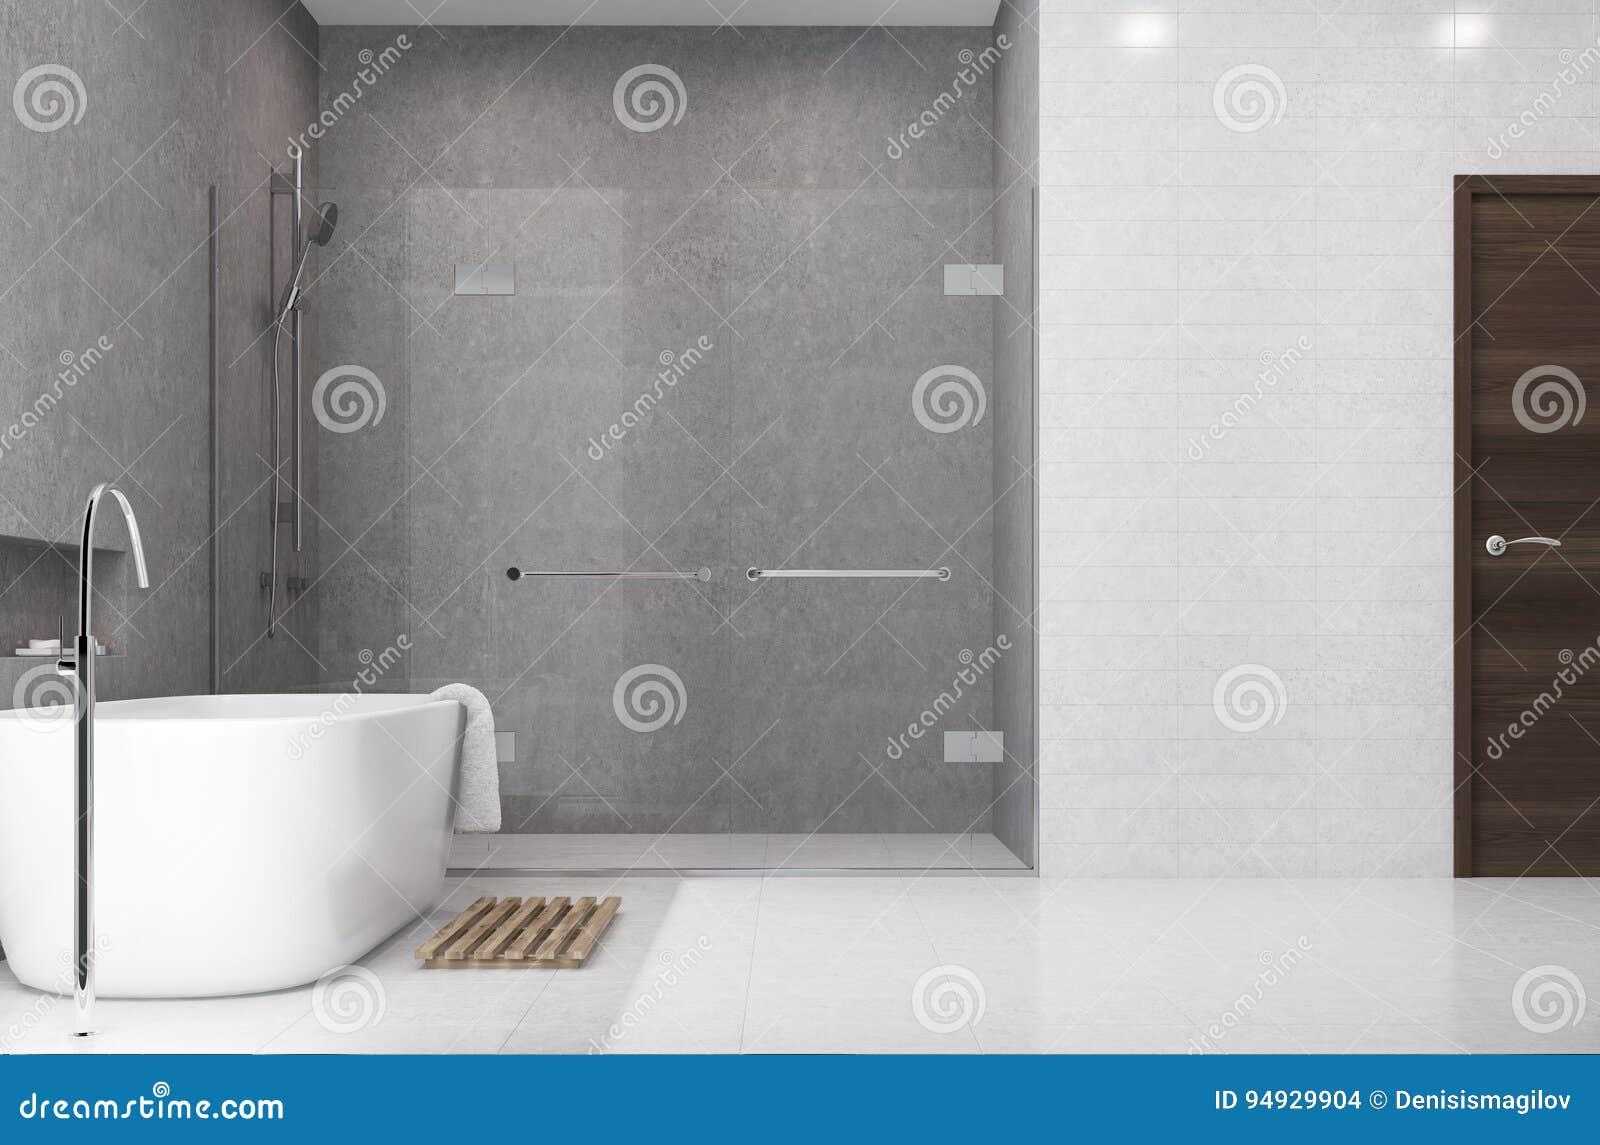 Bagno grigio mattonelle bianche lato della doccia illustrazione